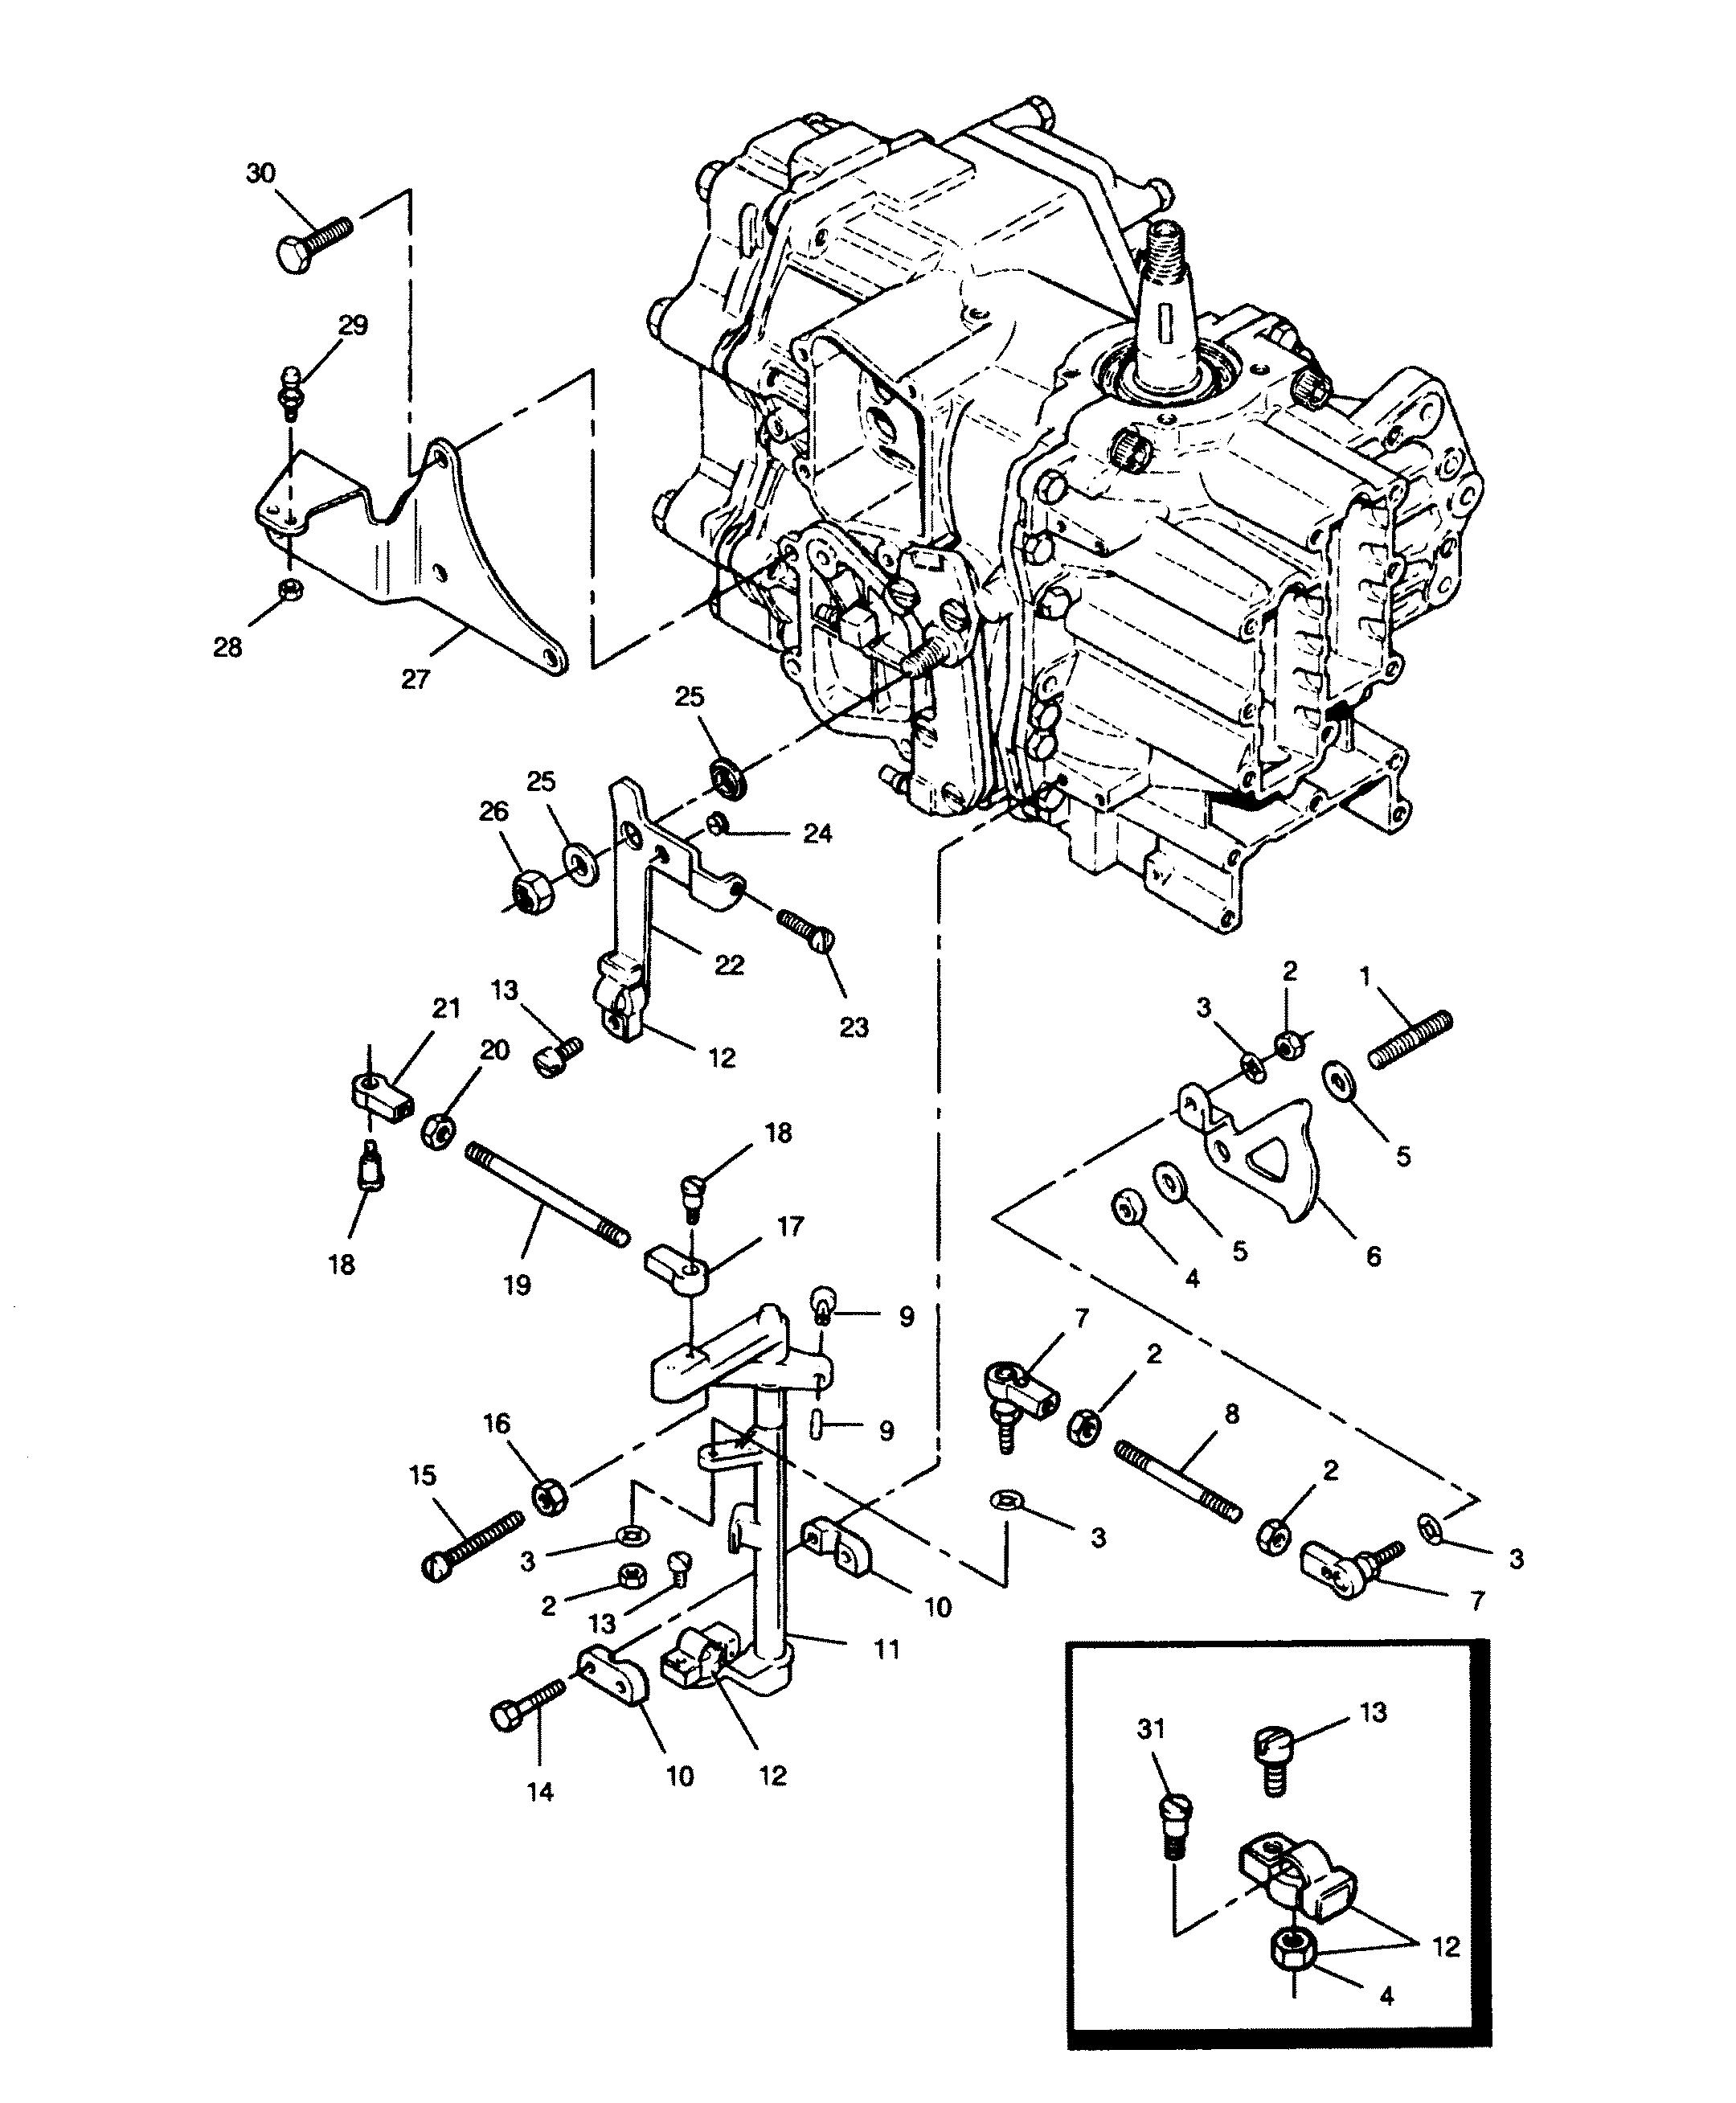 2481 on 1987 Bayliner Accessories